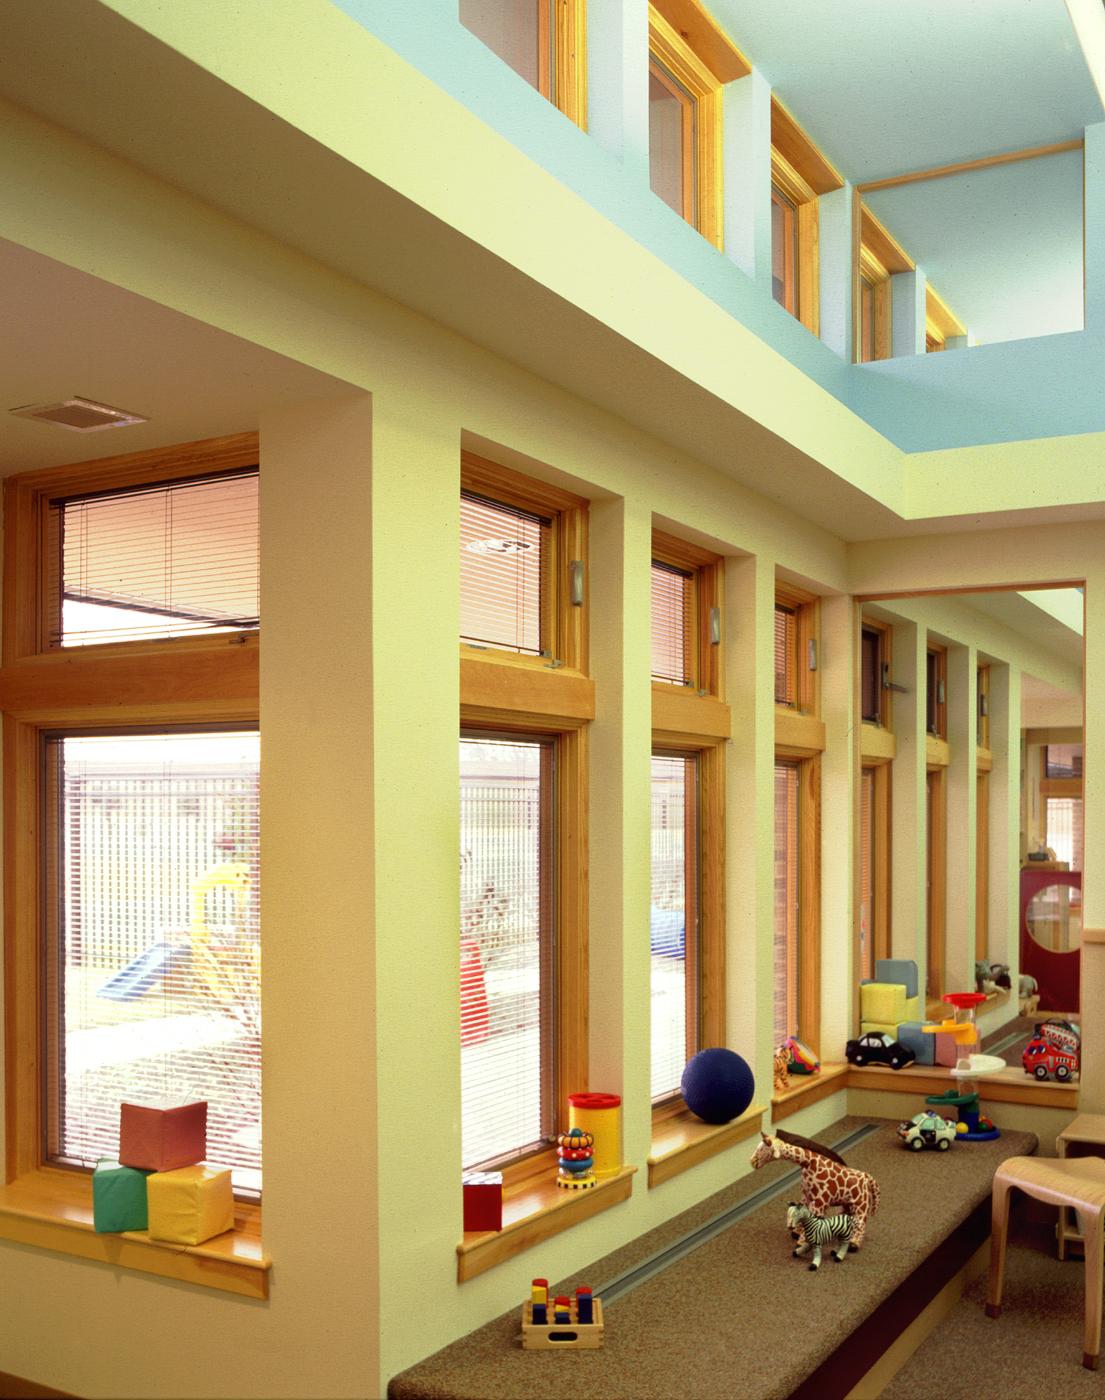 01.84_pho-int-nursery-200ppi-6x7.jpg